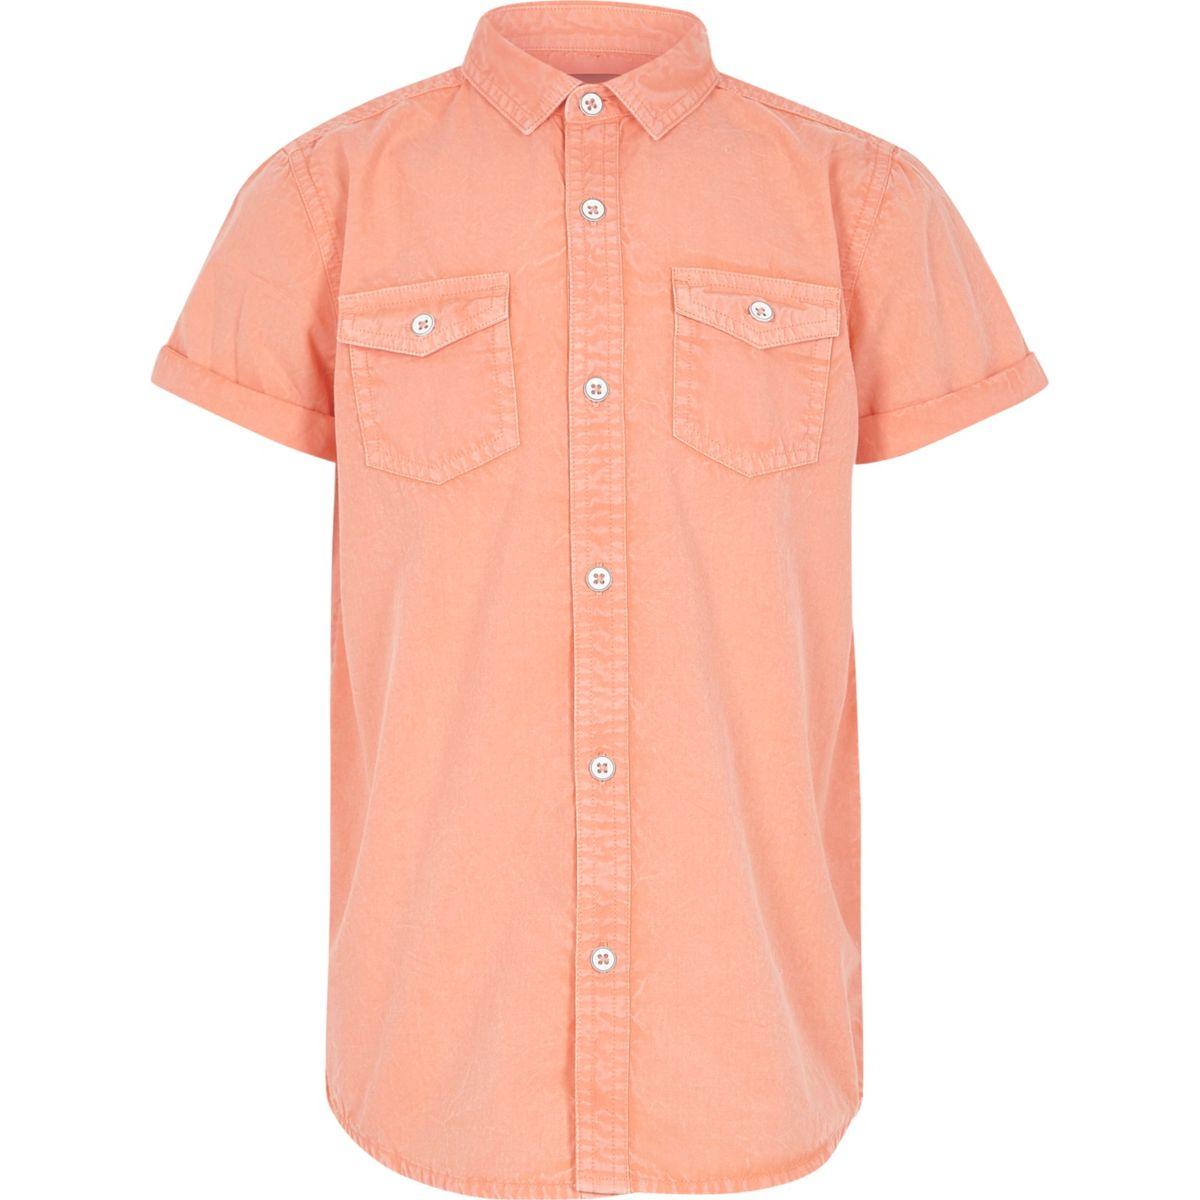 Boys orange washed short sleeve shirt